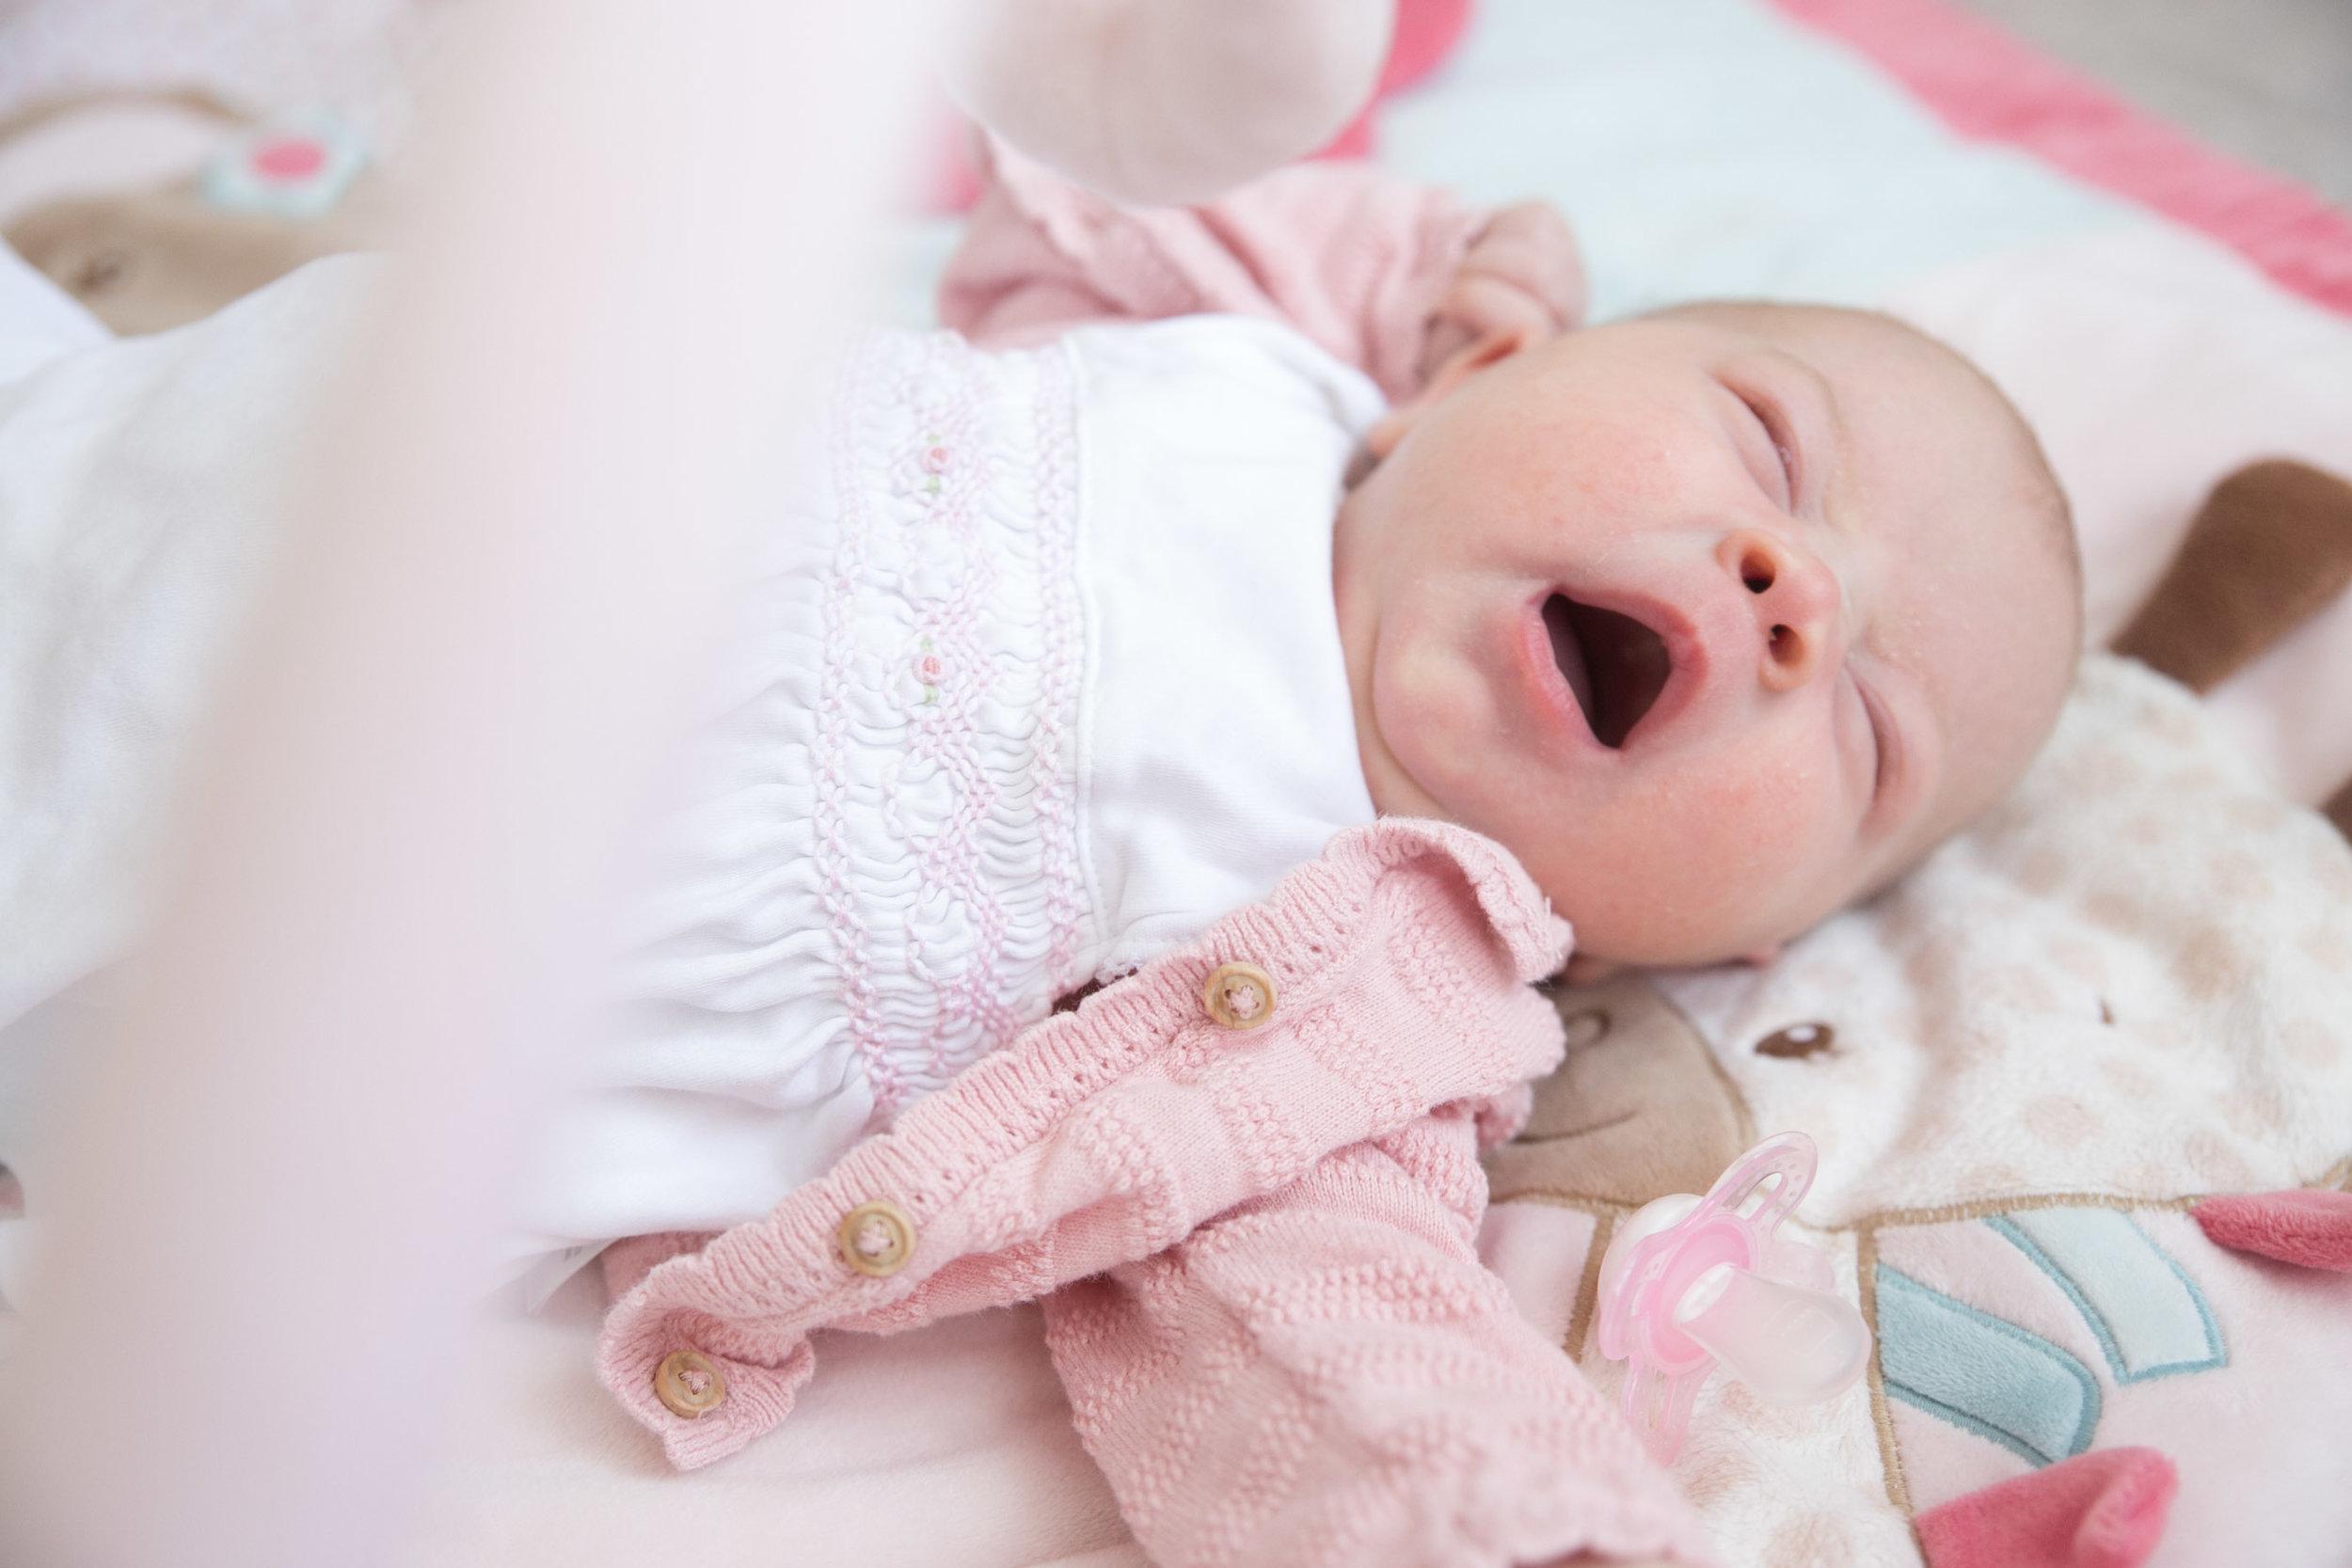 flicka angelicas closet angelica aurell barn nattou babygym.jpg